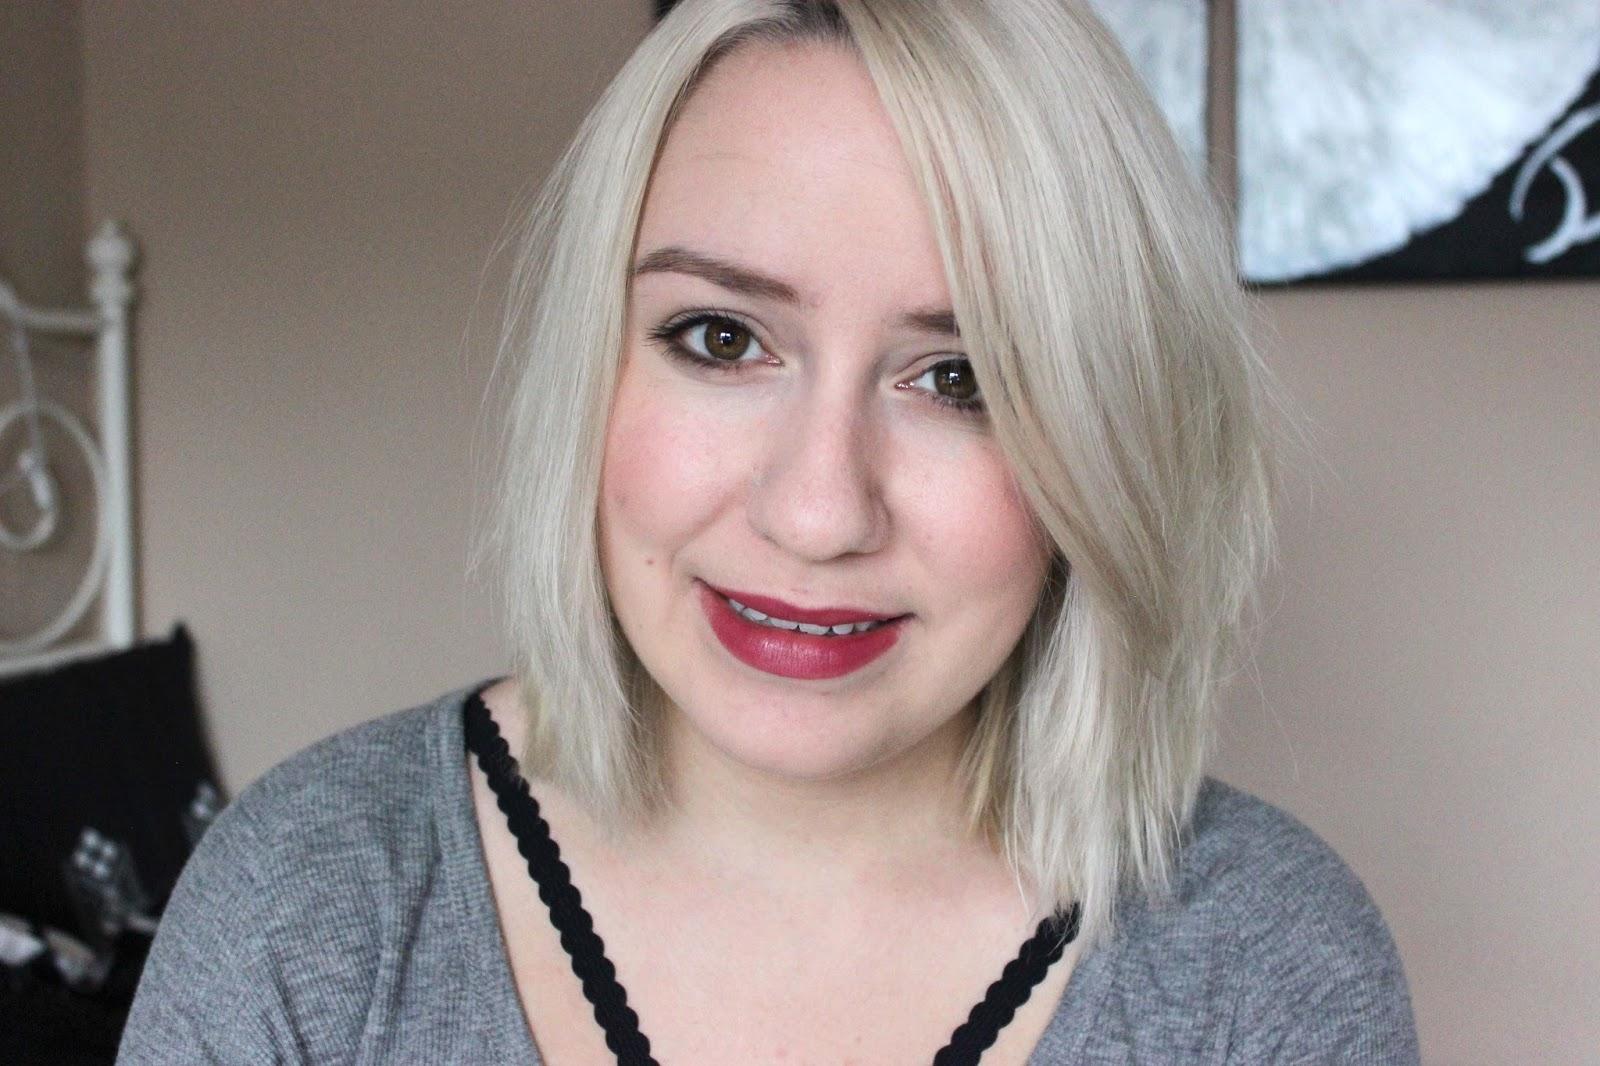 Graue haare von braun auf blond  Modische Frisuren fr